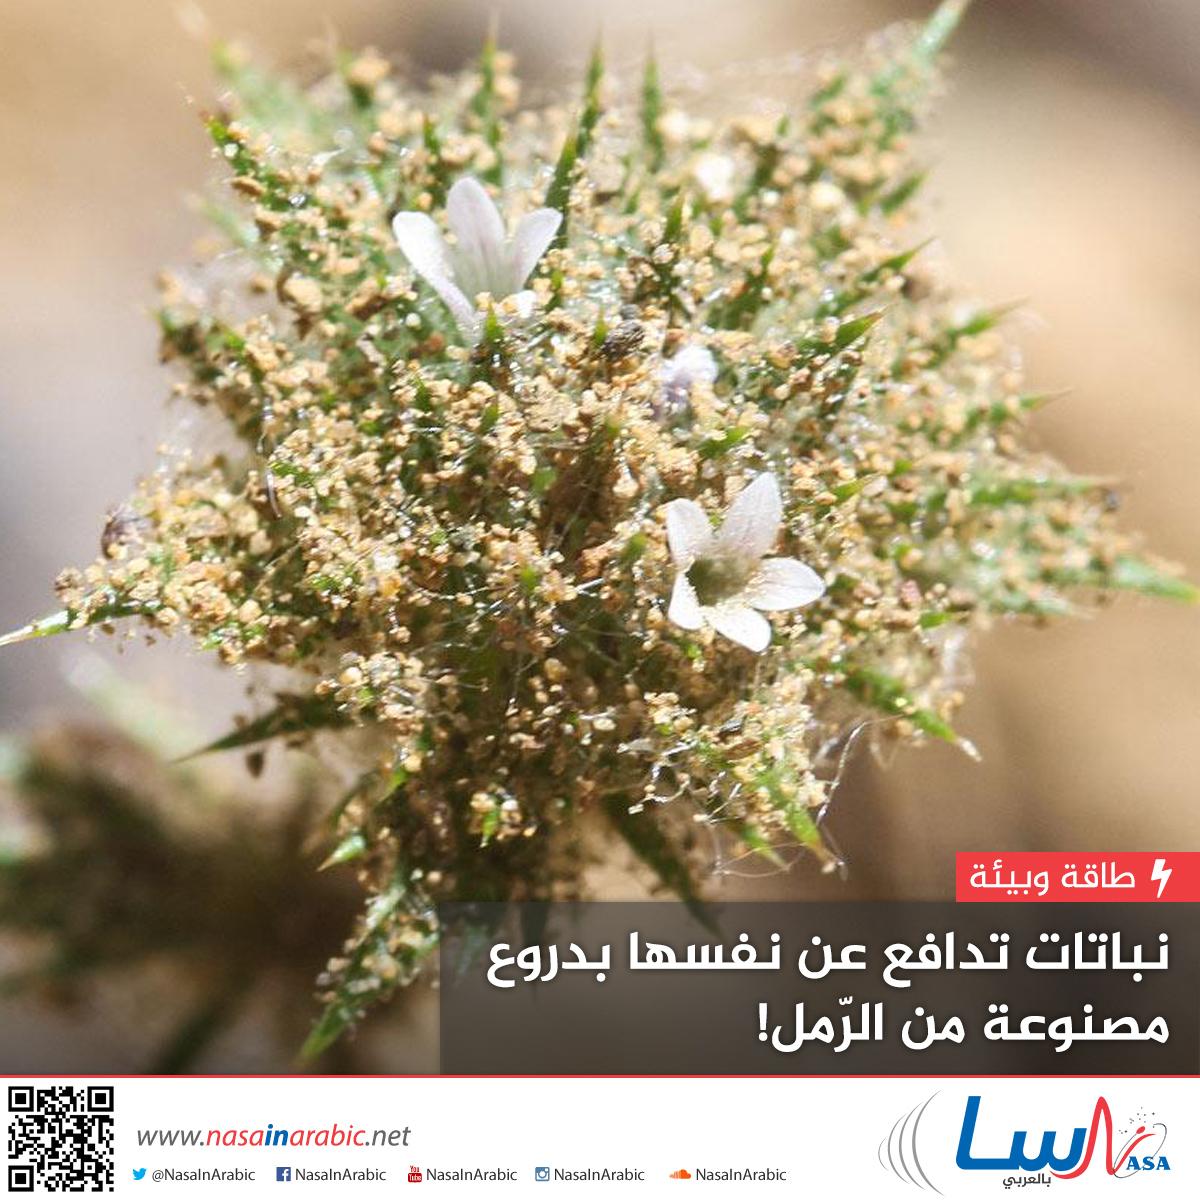 نباتات تدافع عن نفسها بدروع مصنوعة من الرّمل!